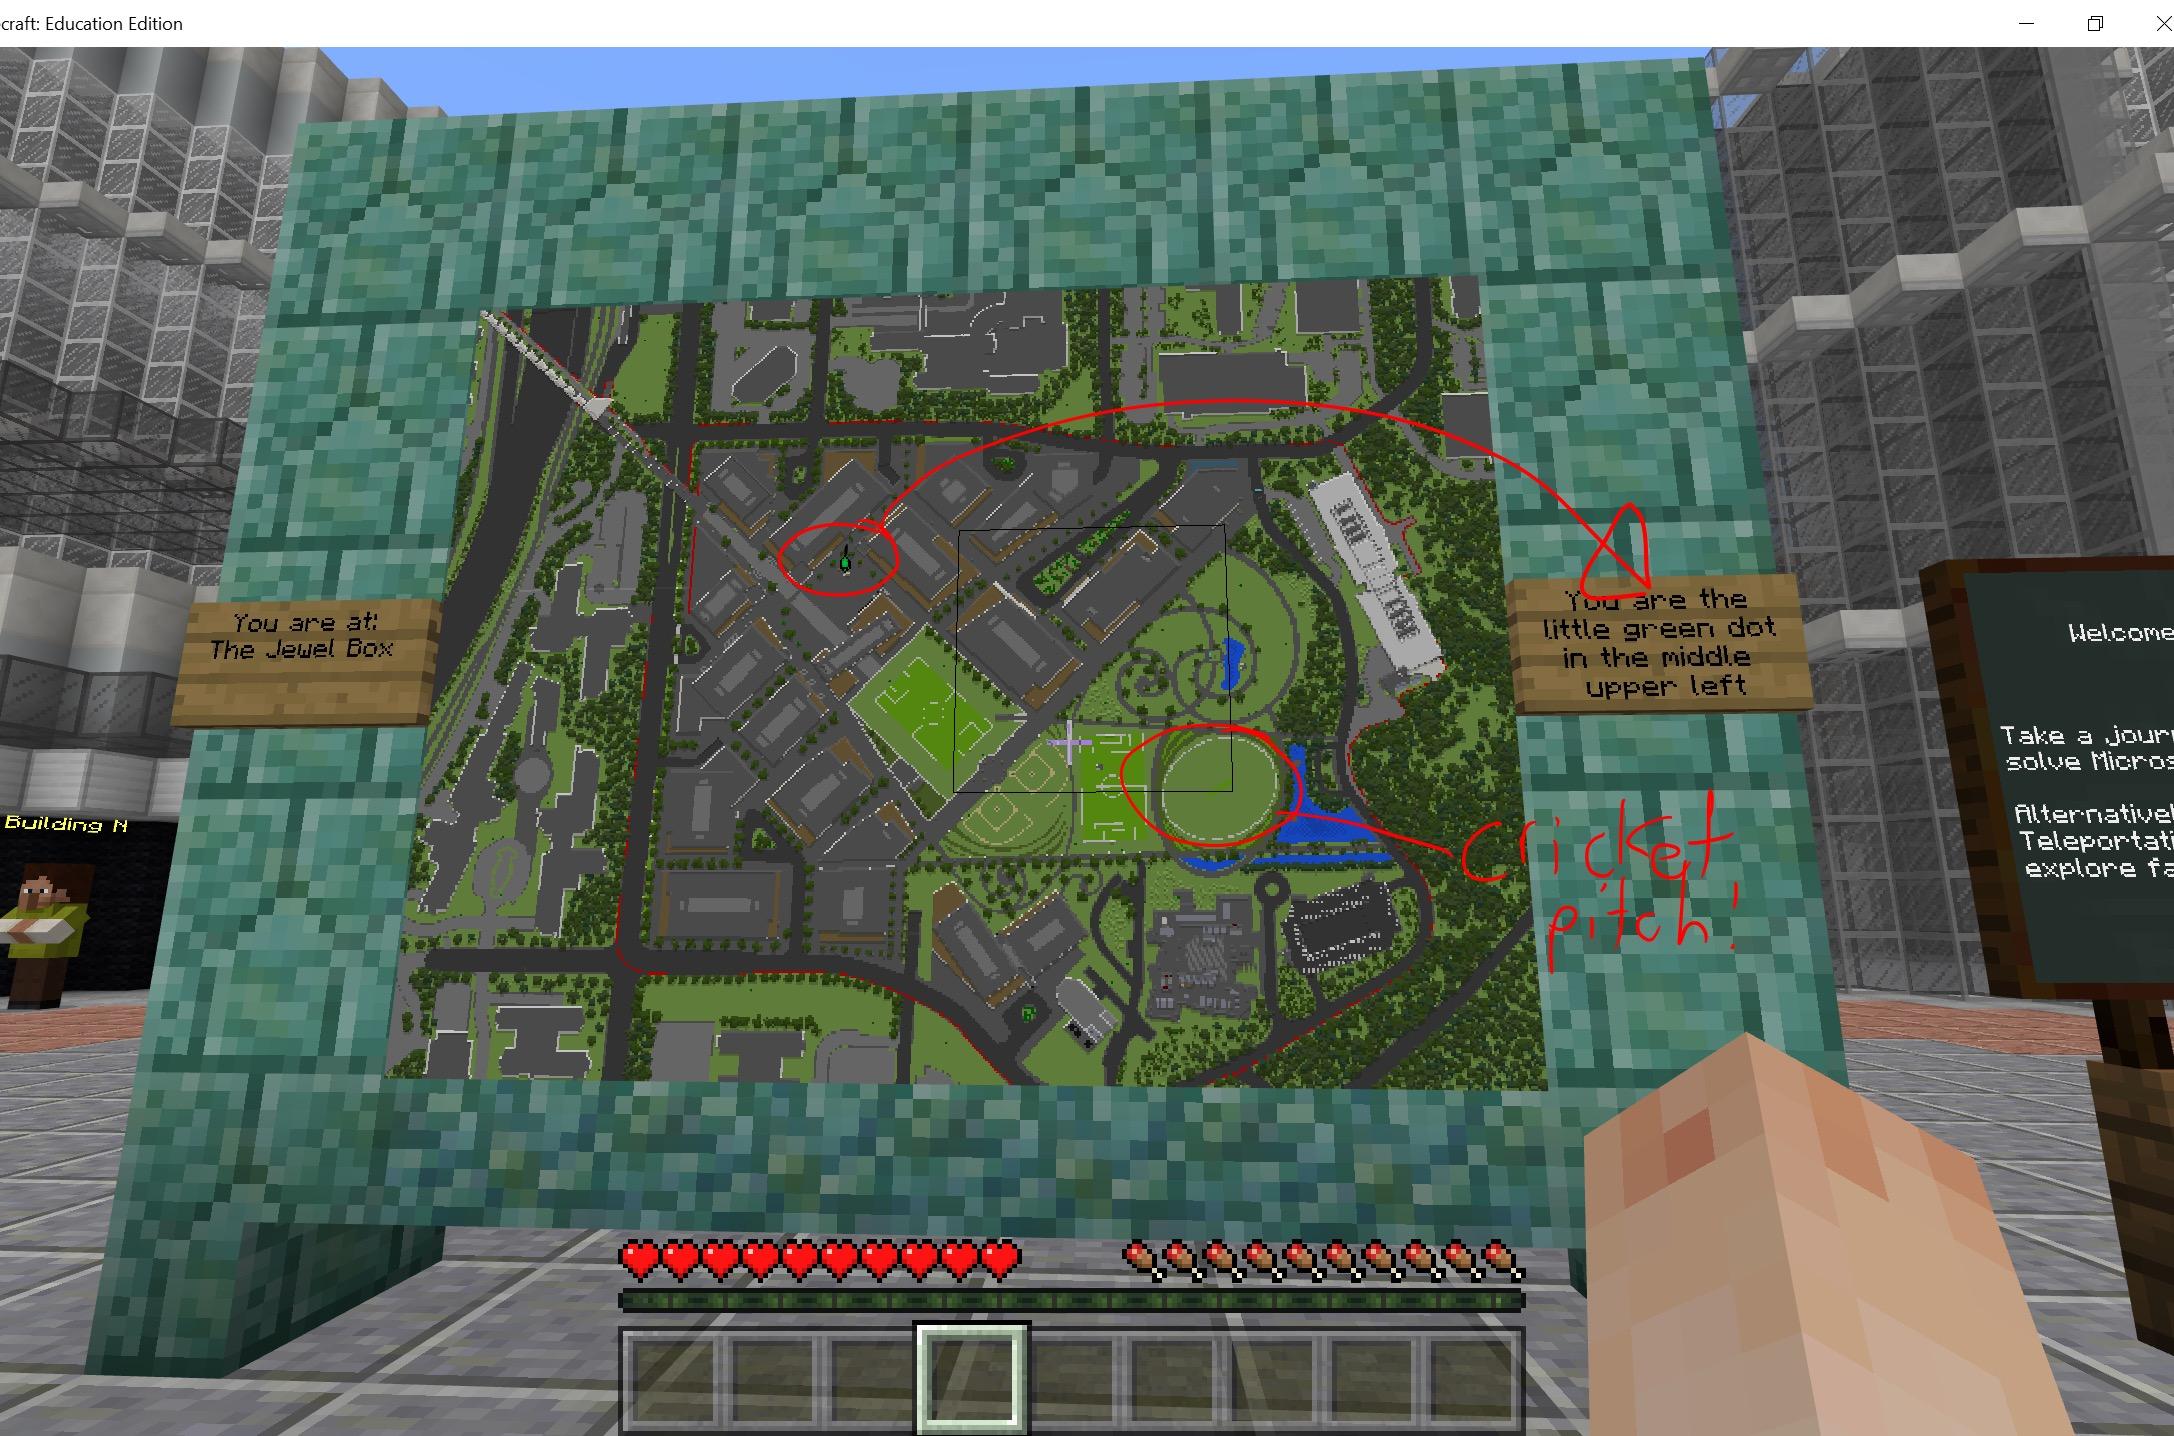 Prohlídka nového kampusu Microsoftu v Minecraftu